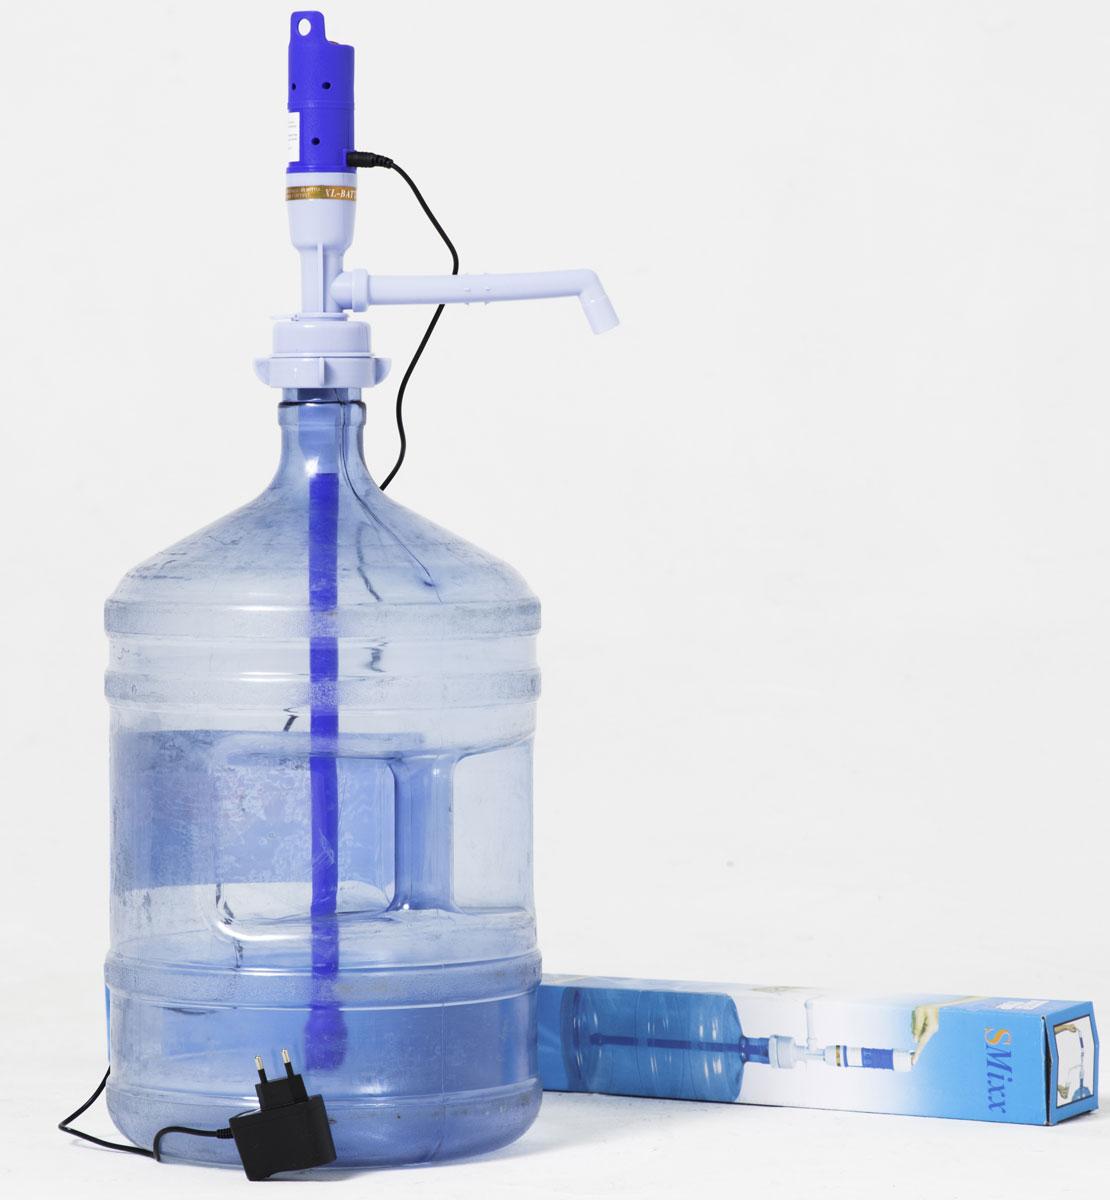 Помпа для воды SMixx Xl-D2, Grey Blue электрическая SMixx